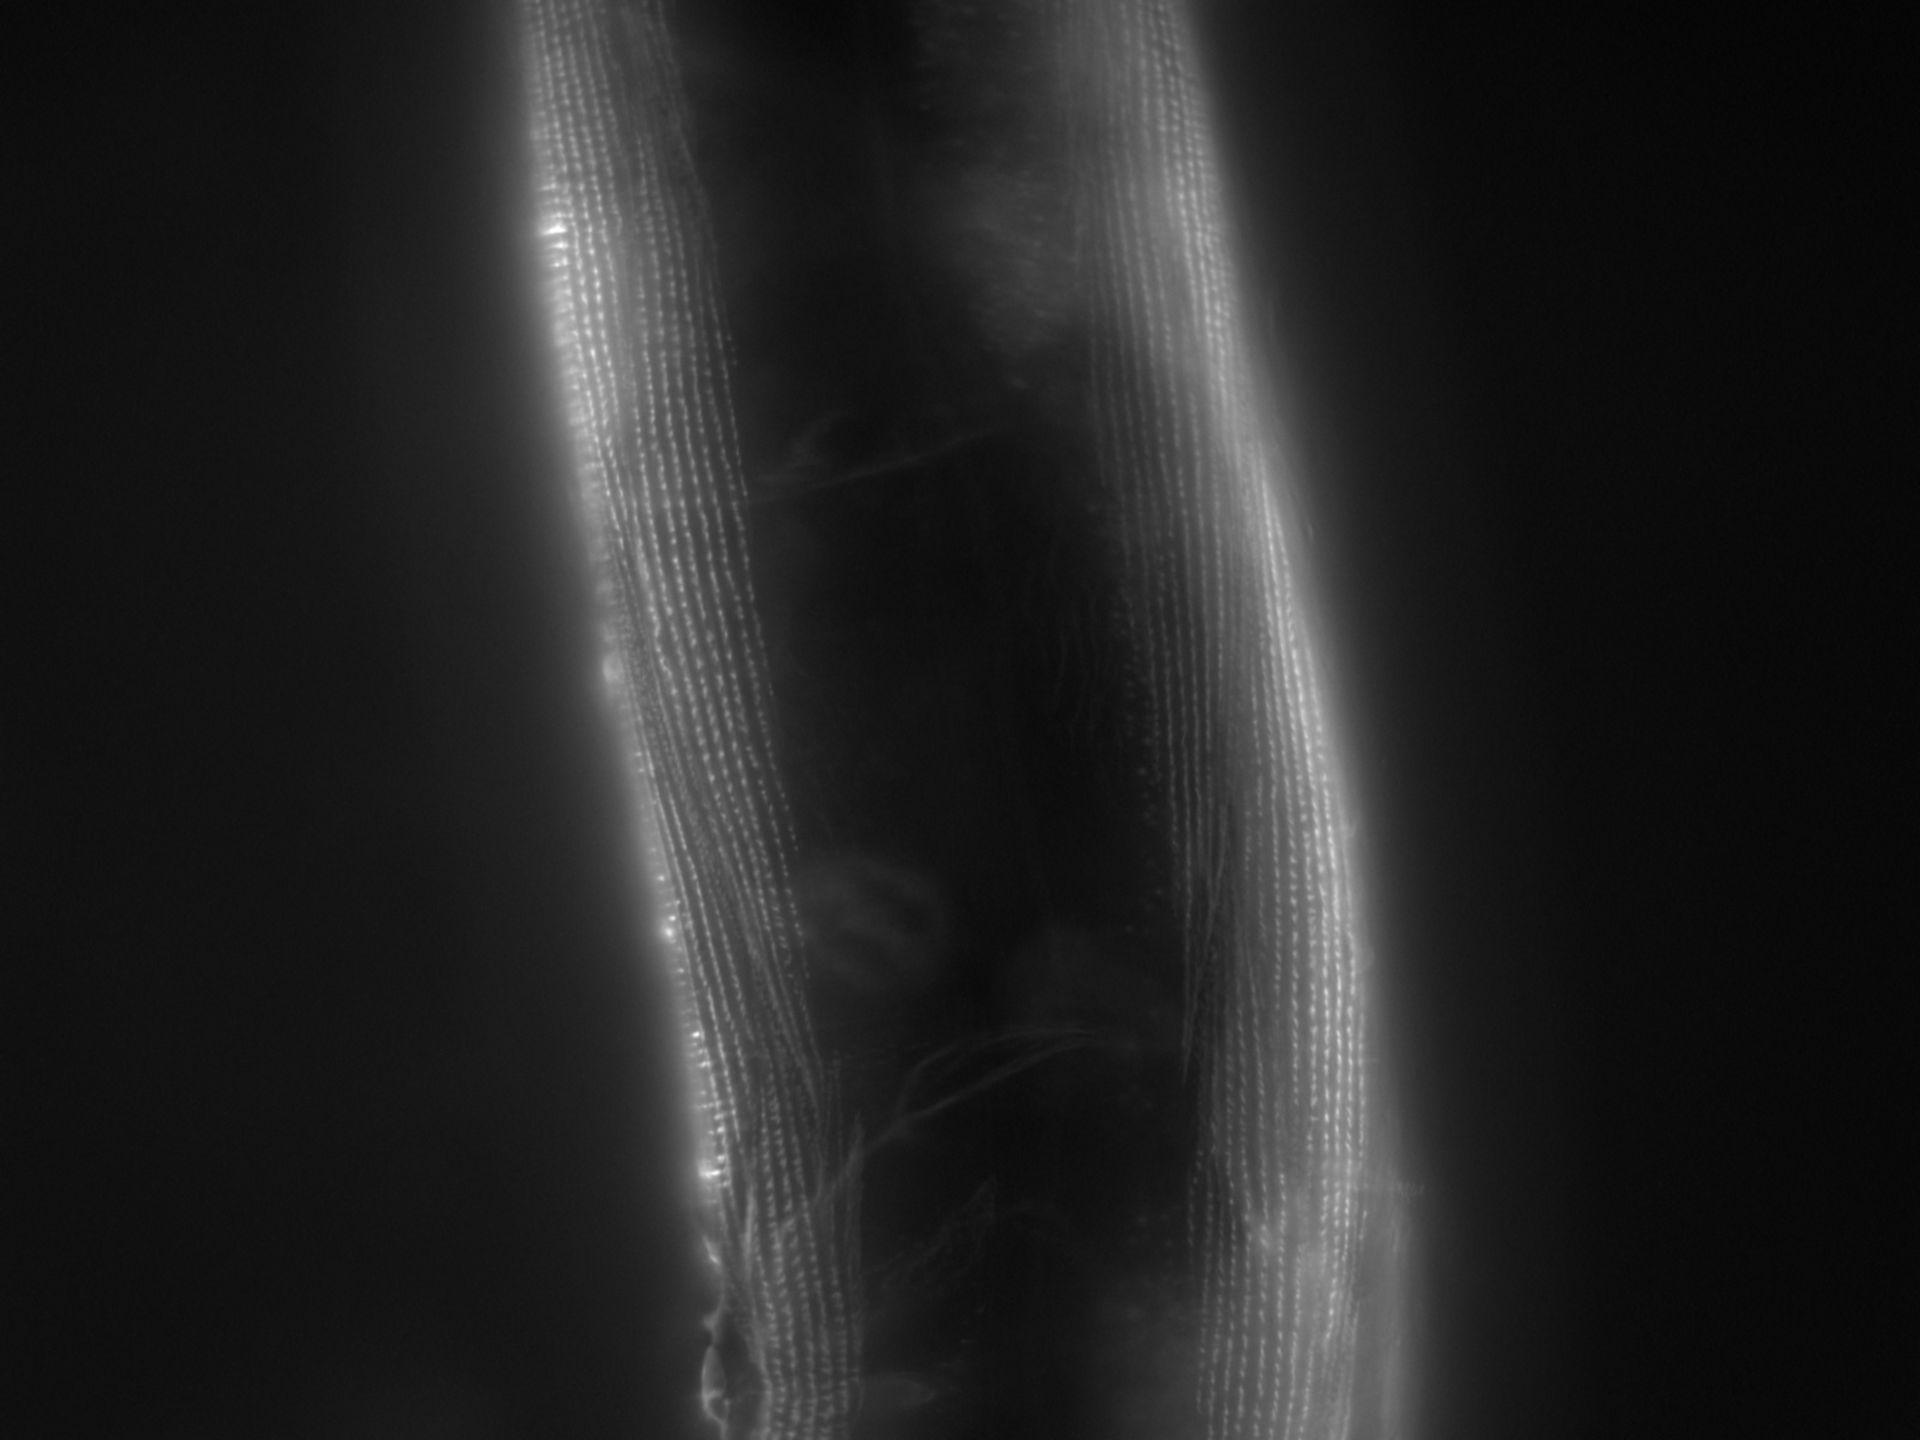 Caenorhabditis elegans (Actin filament) - CIL:1168